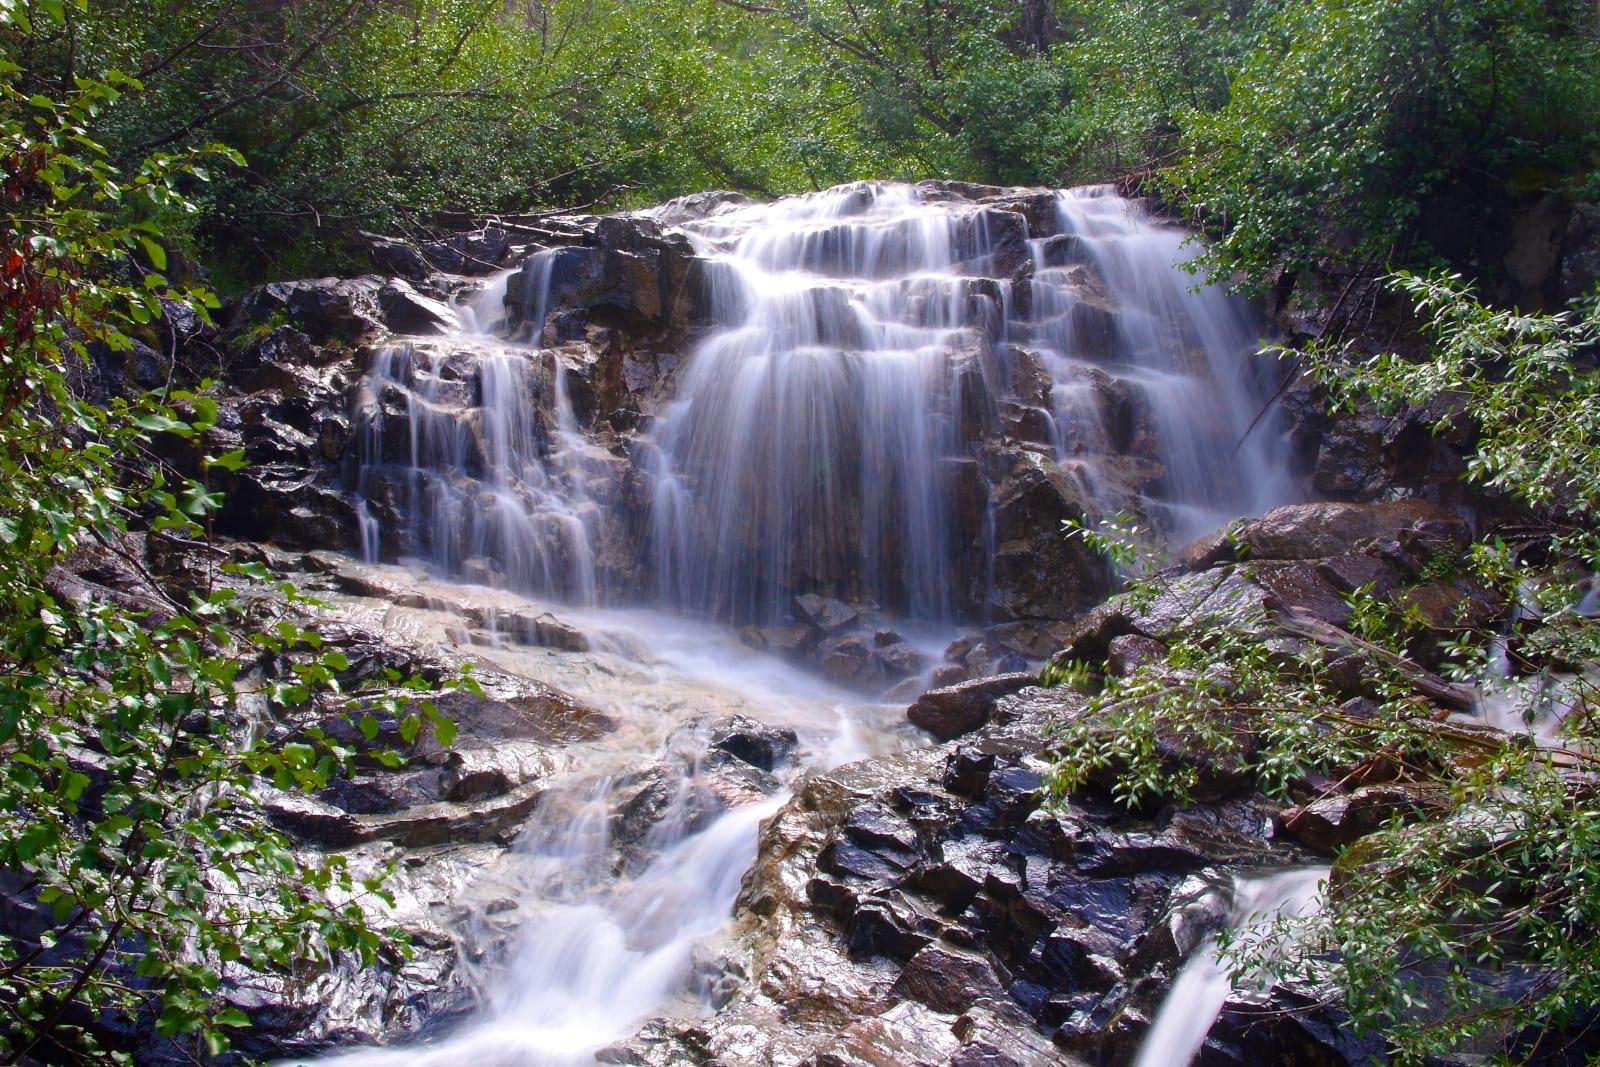 Weminuche Wilderness Chicago Basin Waterfall